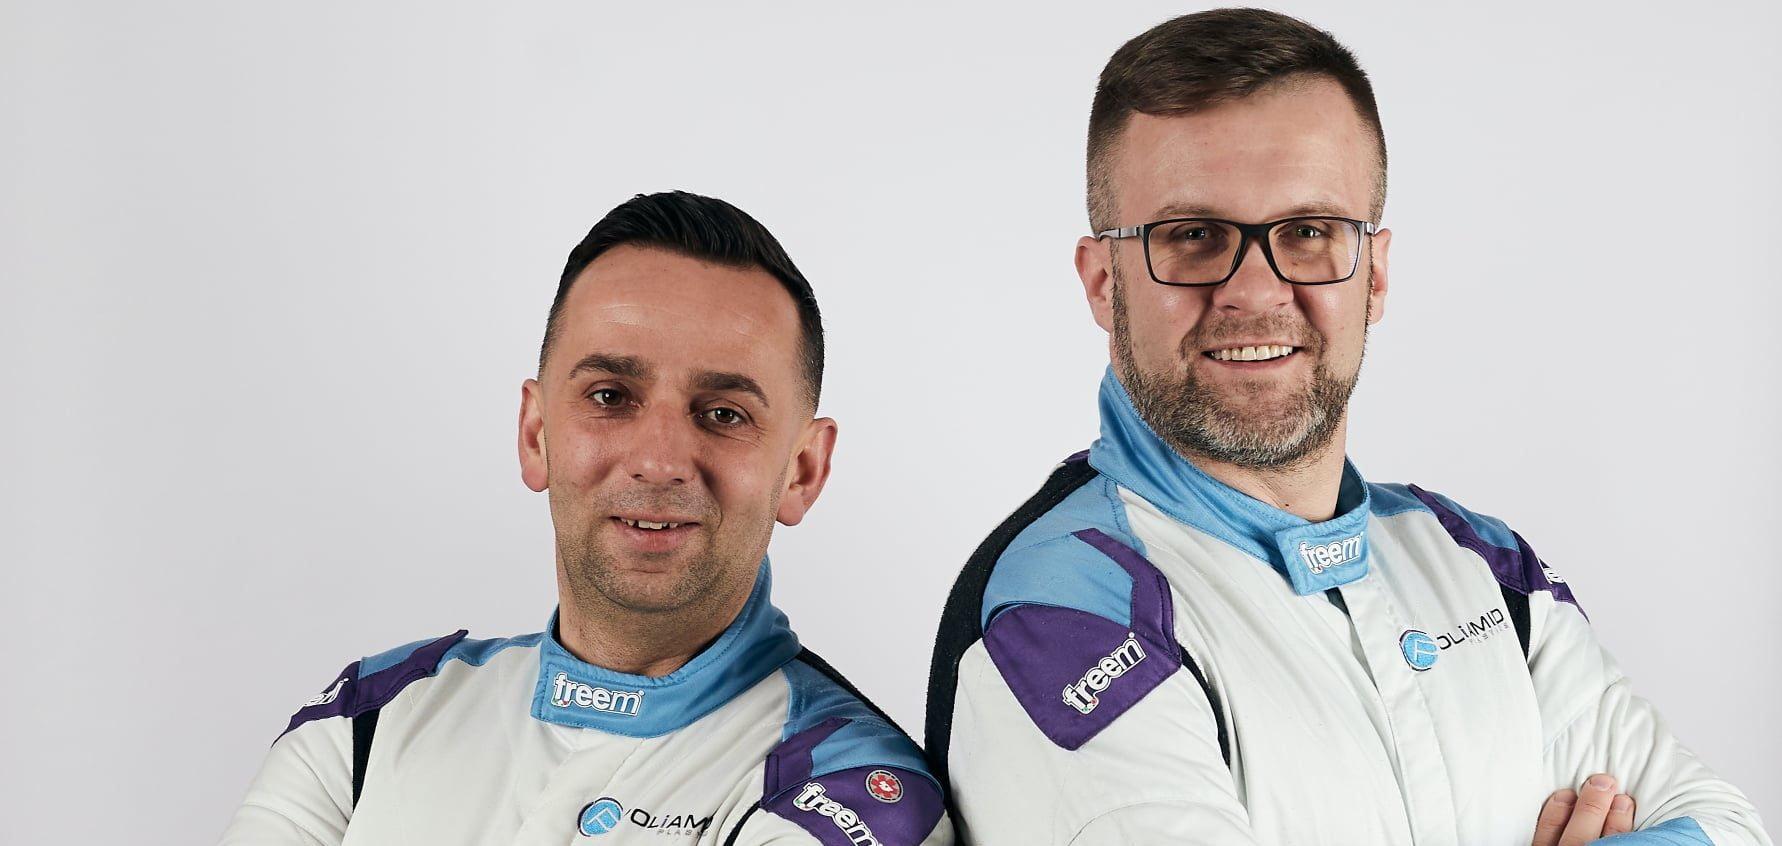 Poliamid Rally Team